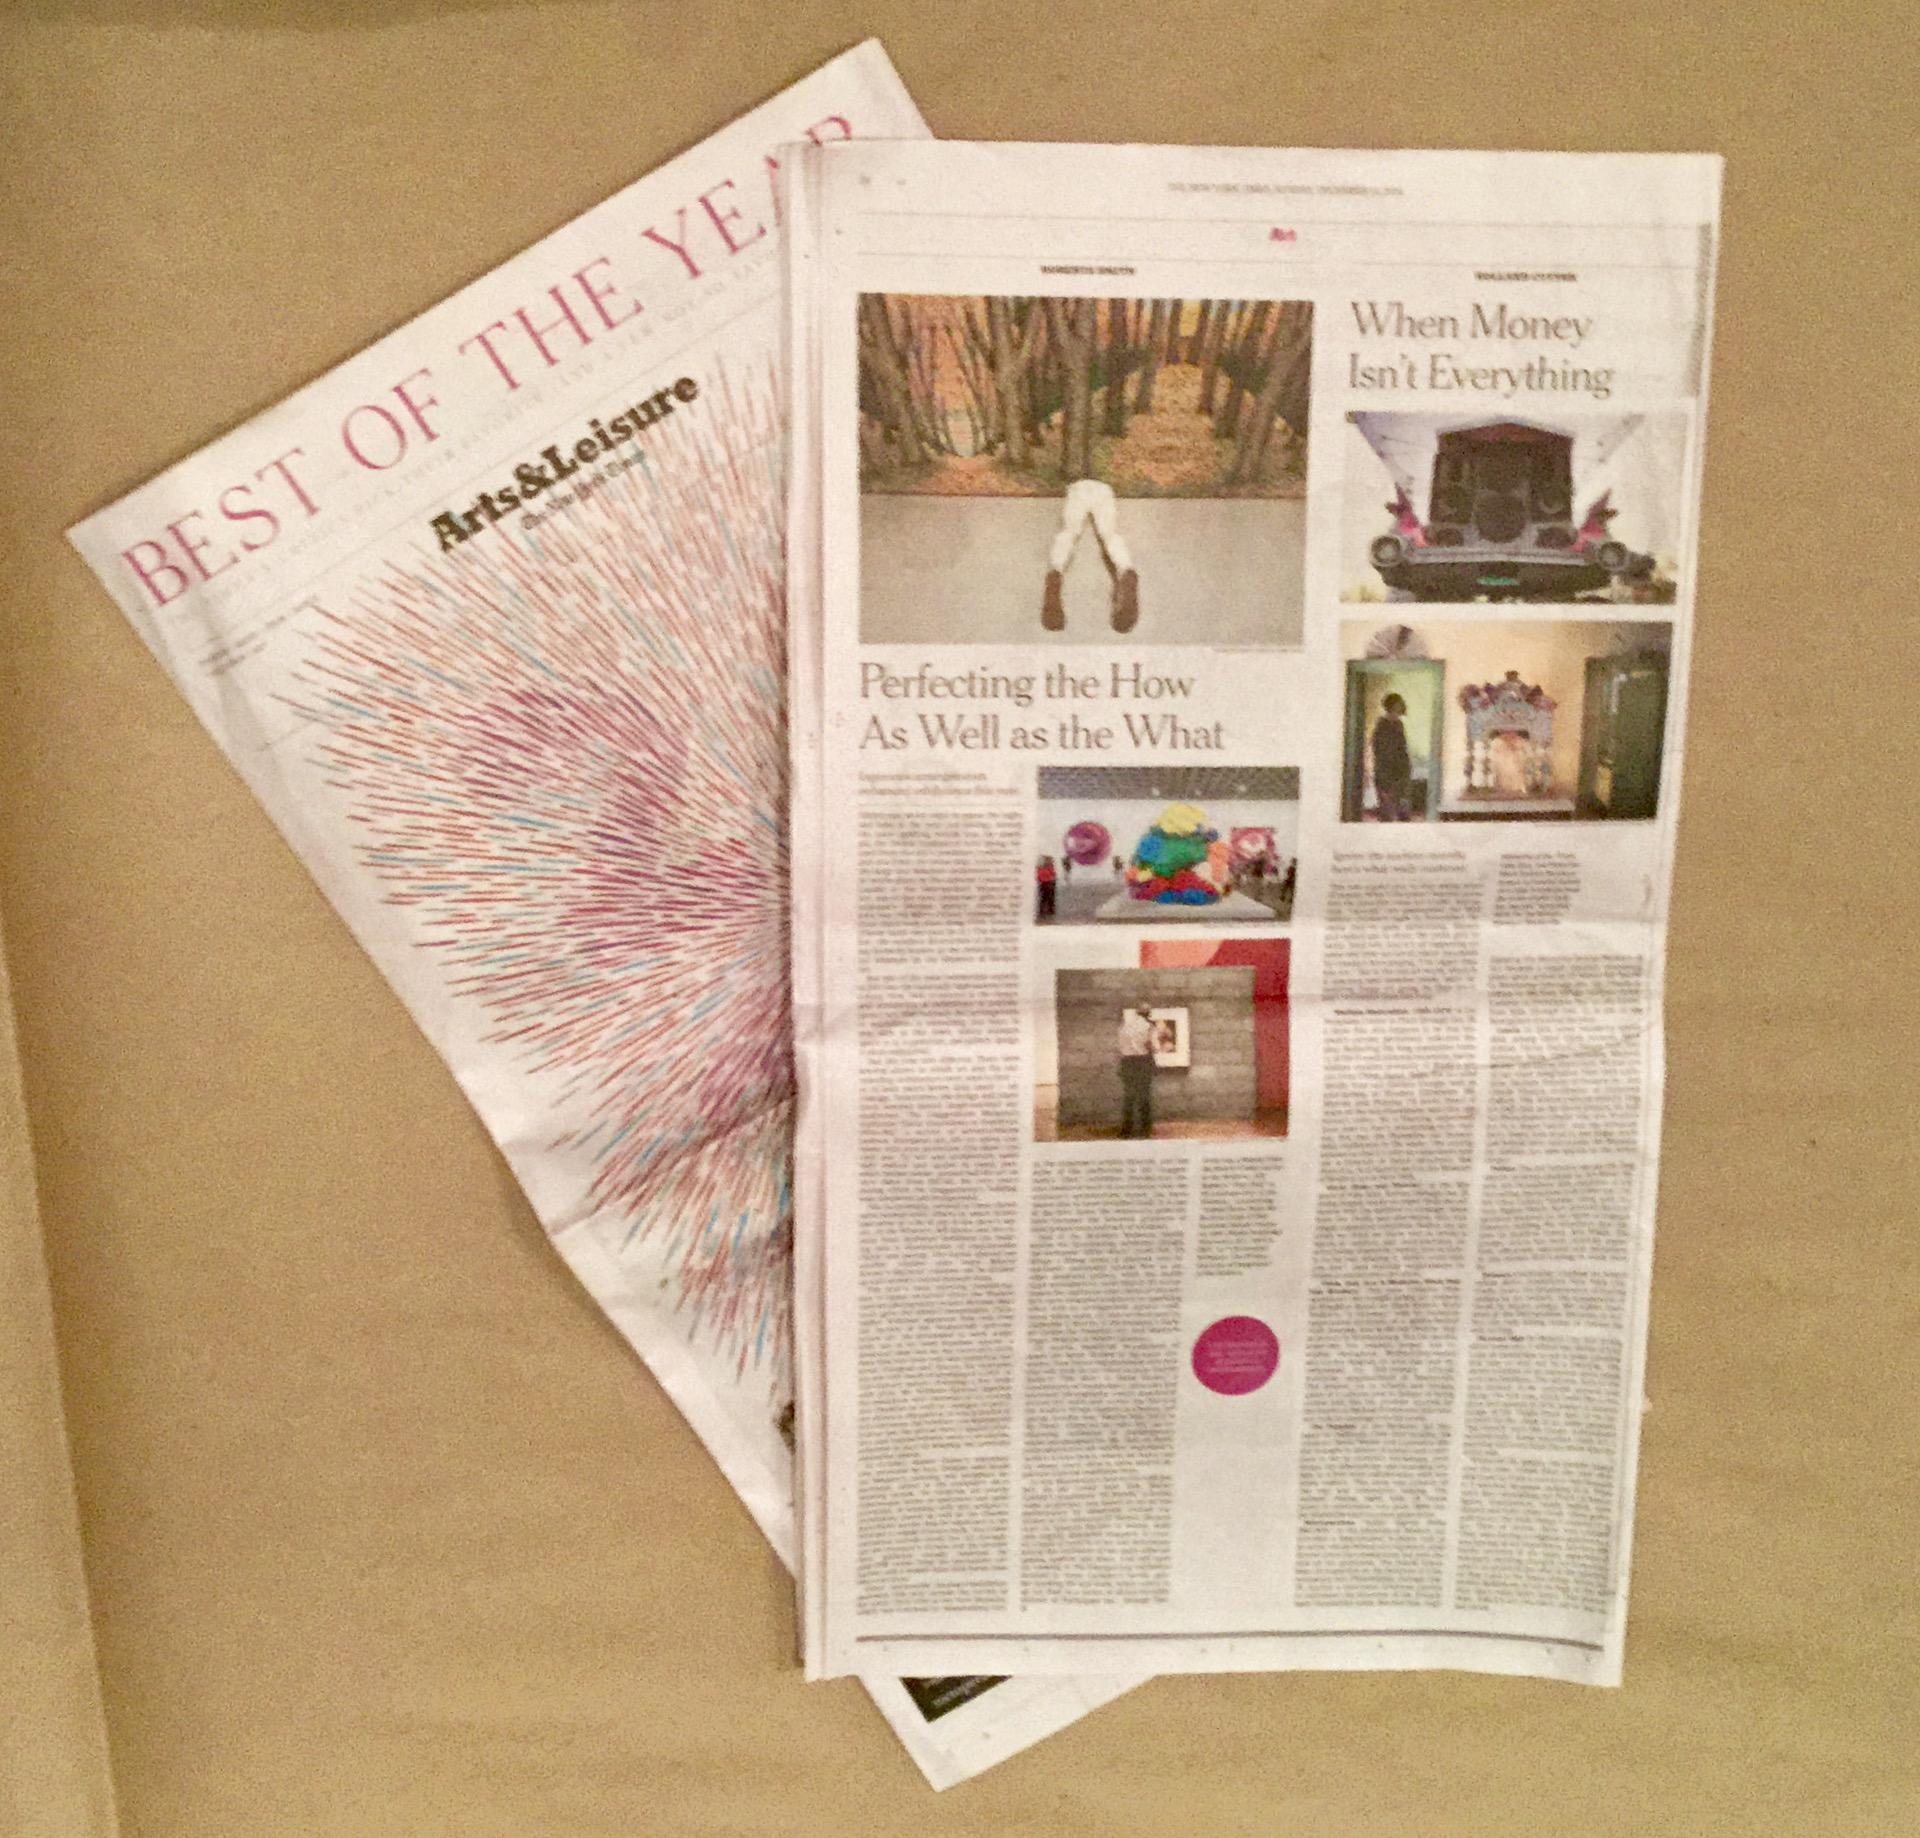 """Smith, Roberta.  """"Best Art Shows of 2014"""" . December 14, 2014.  New York Times . On Rainer Ganahl's """"El Mundo"""" (Inaugural exhibition at Kai Matsumiya, April-May 2014)"""